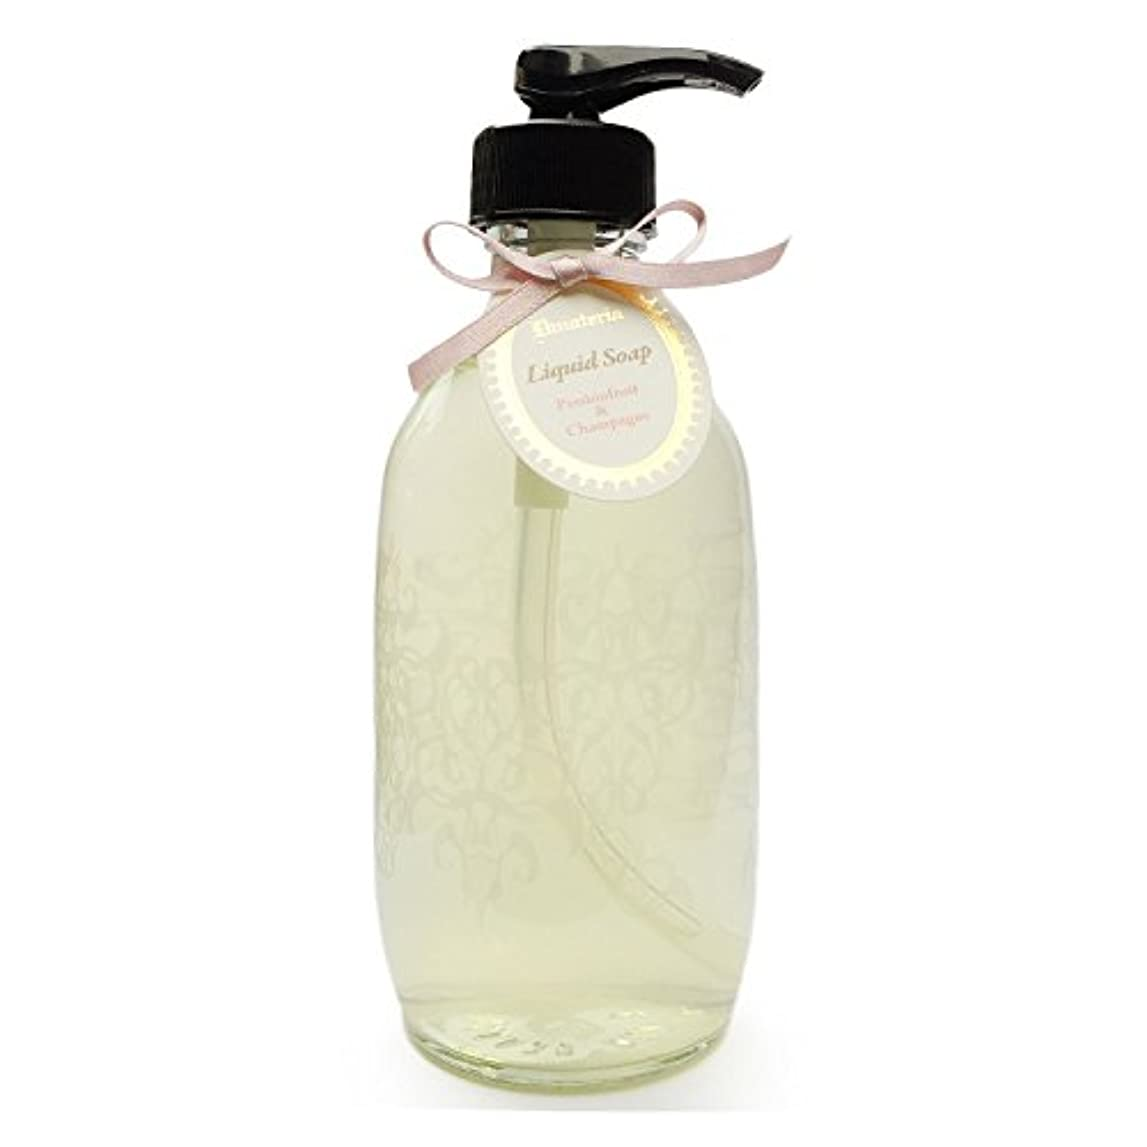 量バラ色橋D materia リキッドソープ パッションフルーツ&シャンパン Passionfruit&Champagne Liquid Soap ディーマテリア